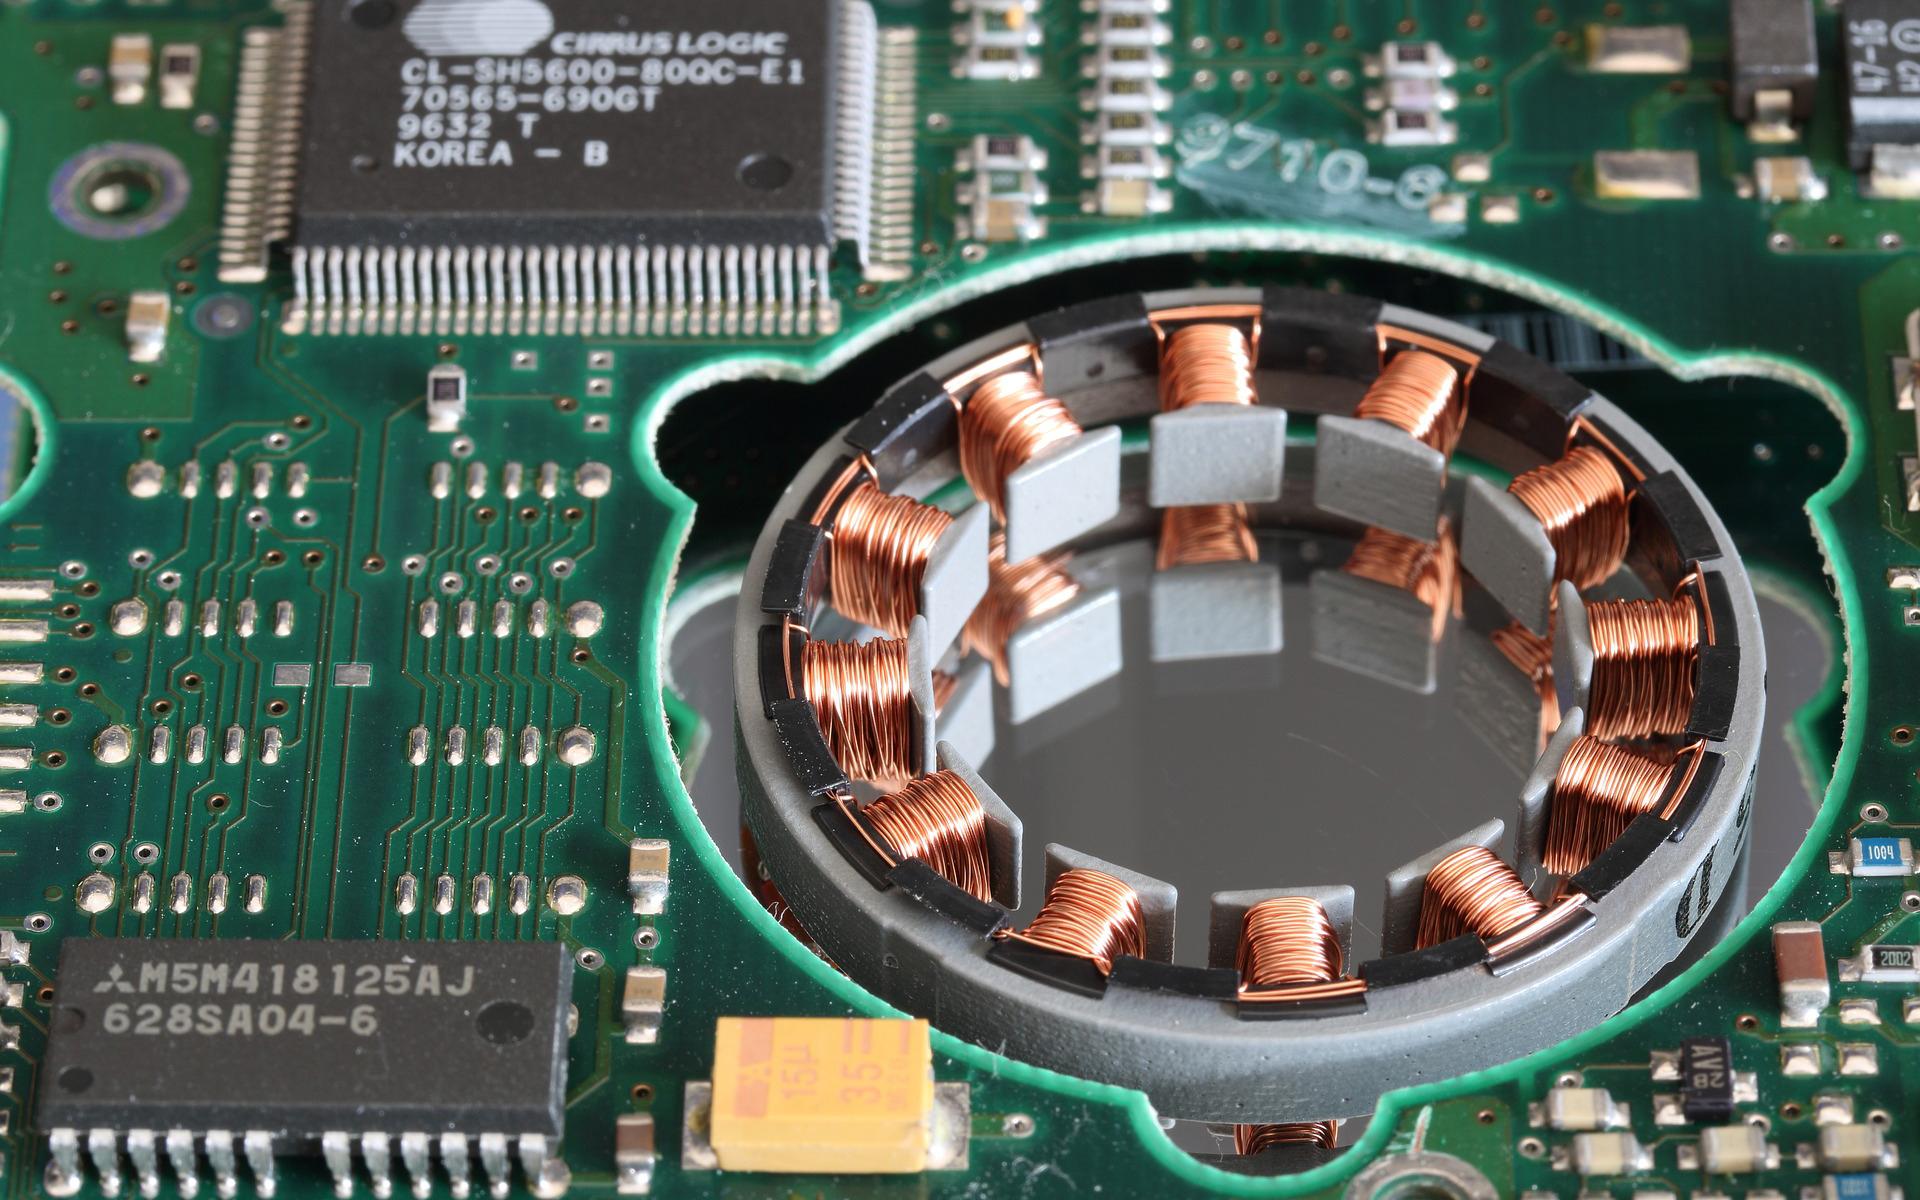 harddisk inside